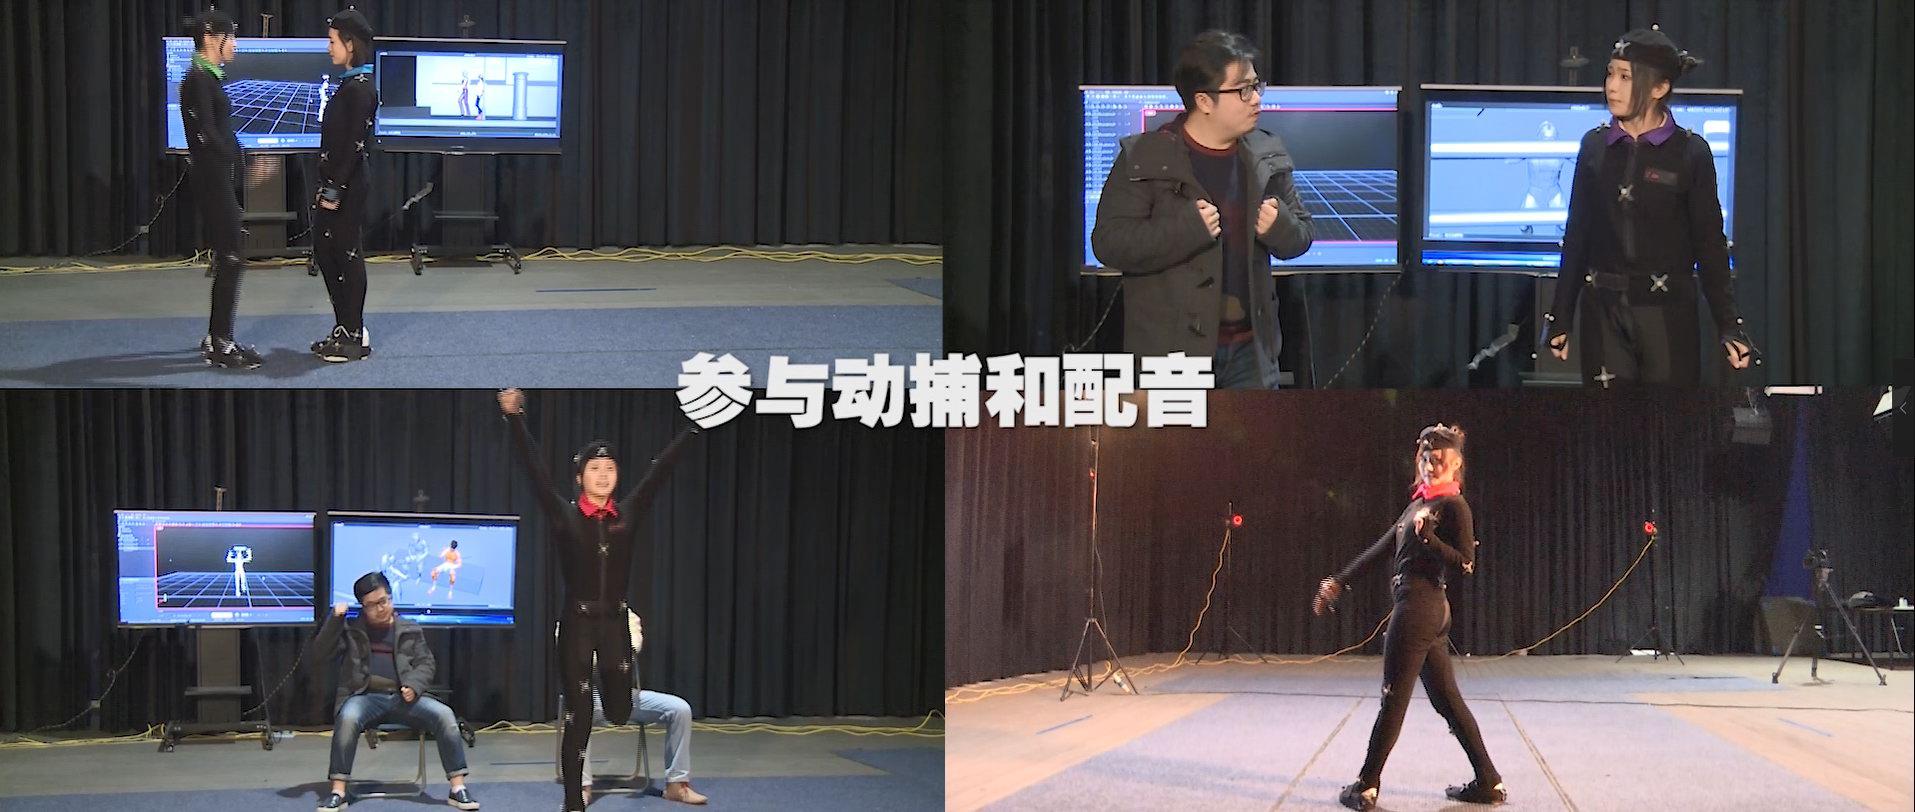 龙族创意工作室宣布与偶像团体BEJ48深度合作动画《拳皇命运》-ANICOGA